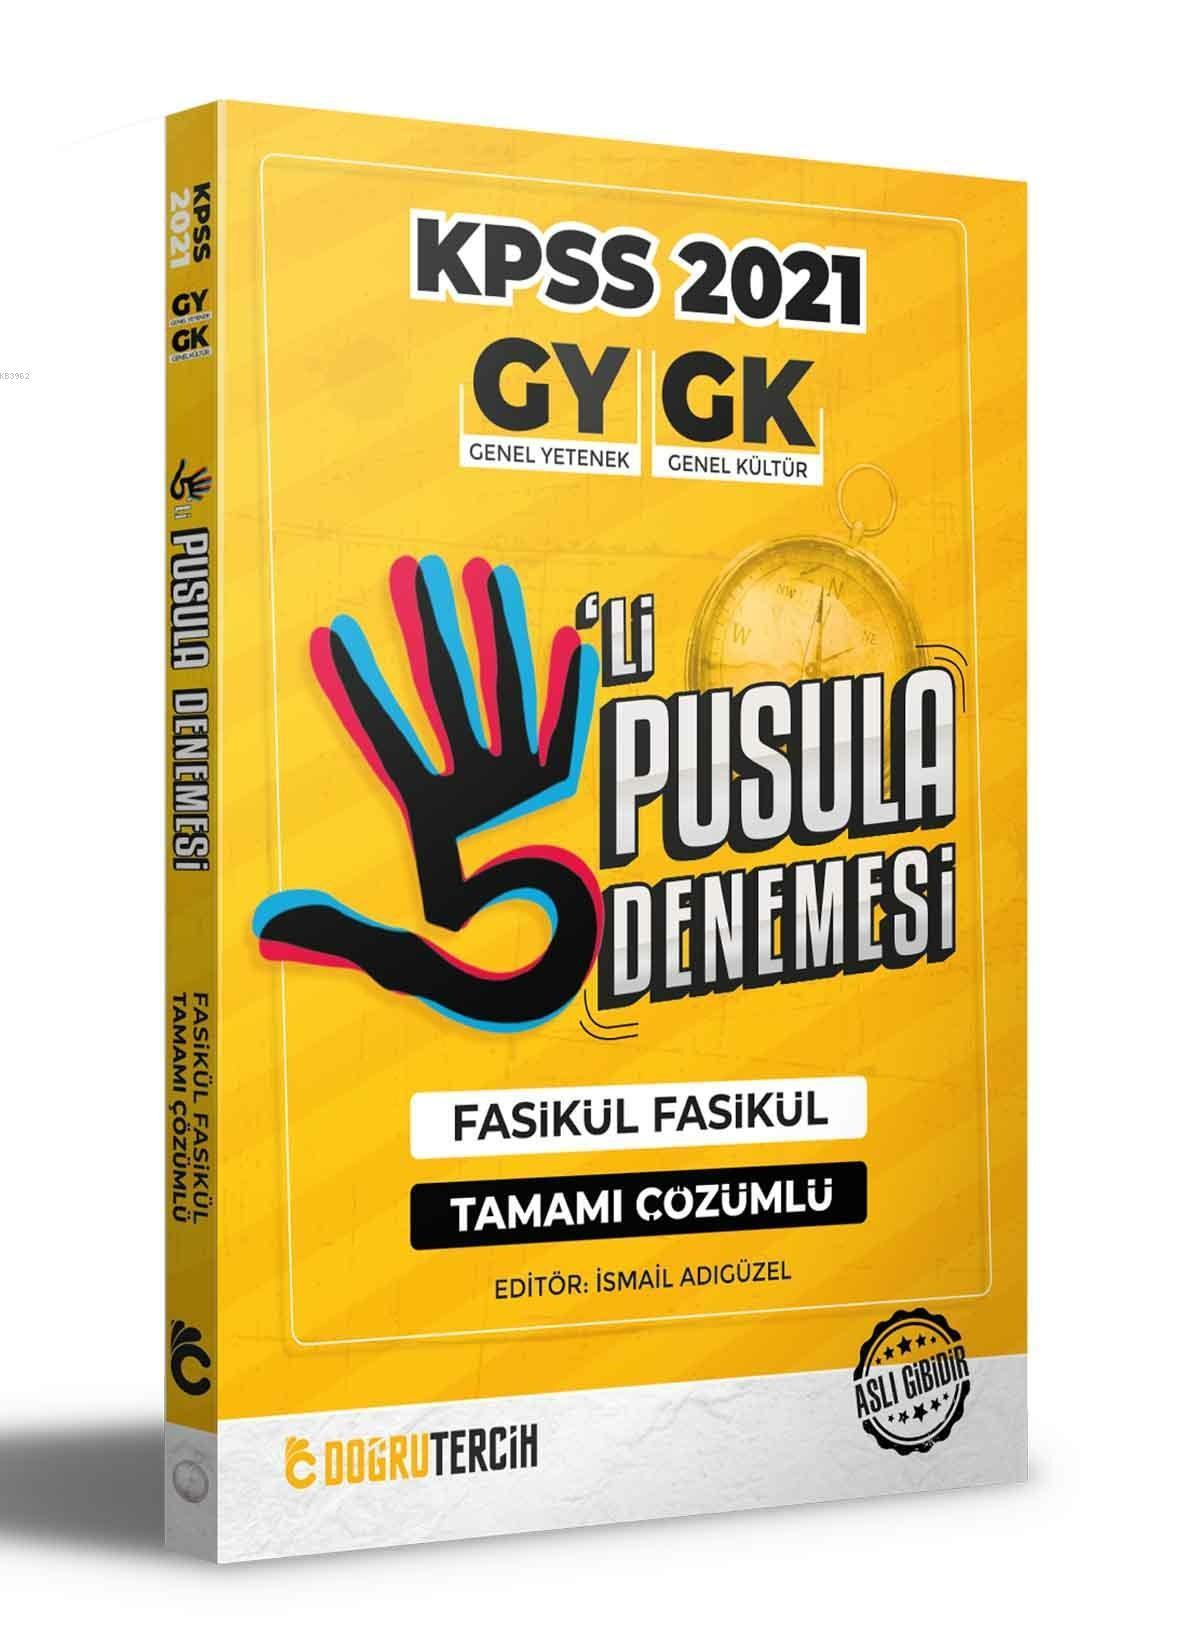 2021 KPSS Genel Yetenek Genel Kültür Çözümlü 5'li Pusula Denemesi